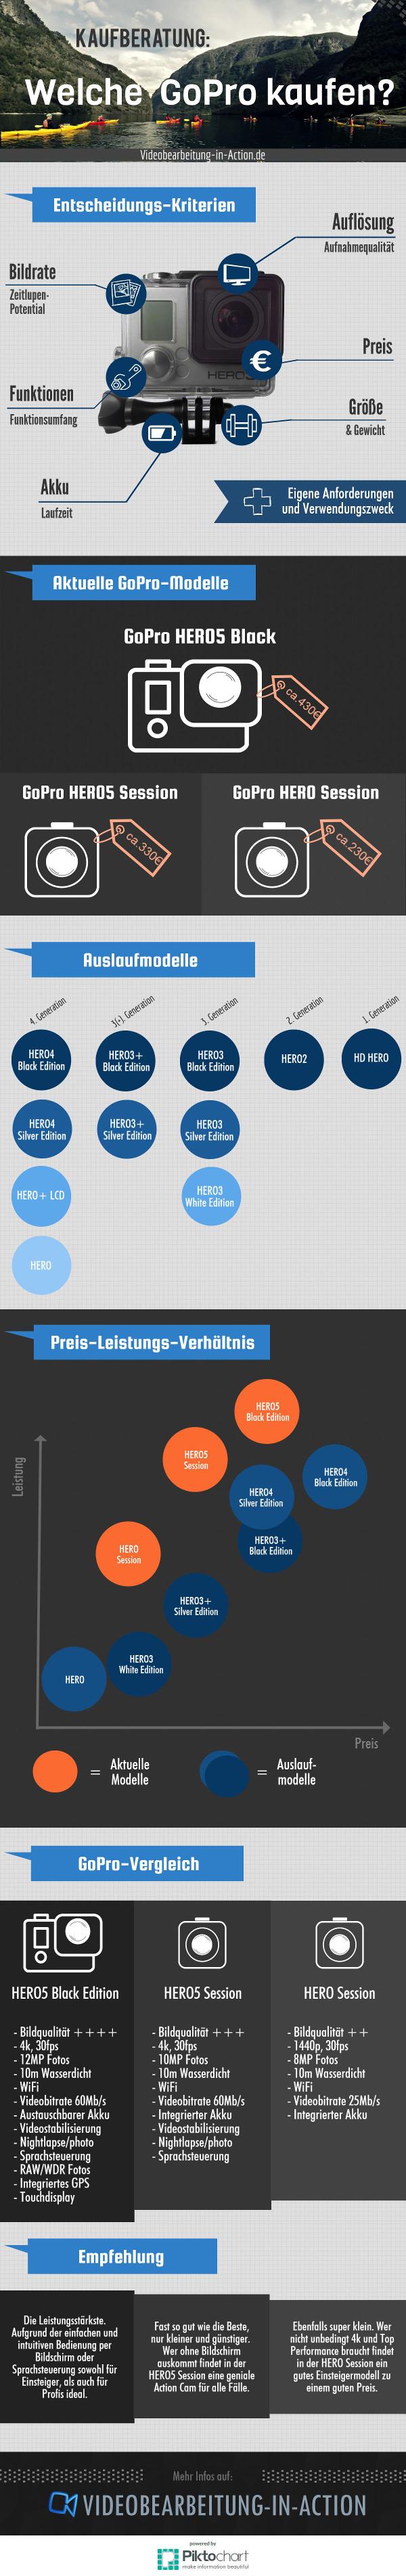 Infografik - Welche Gopro kaufen